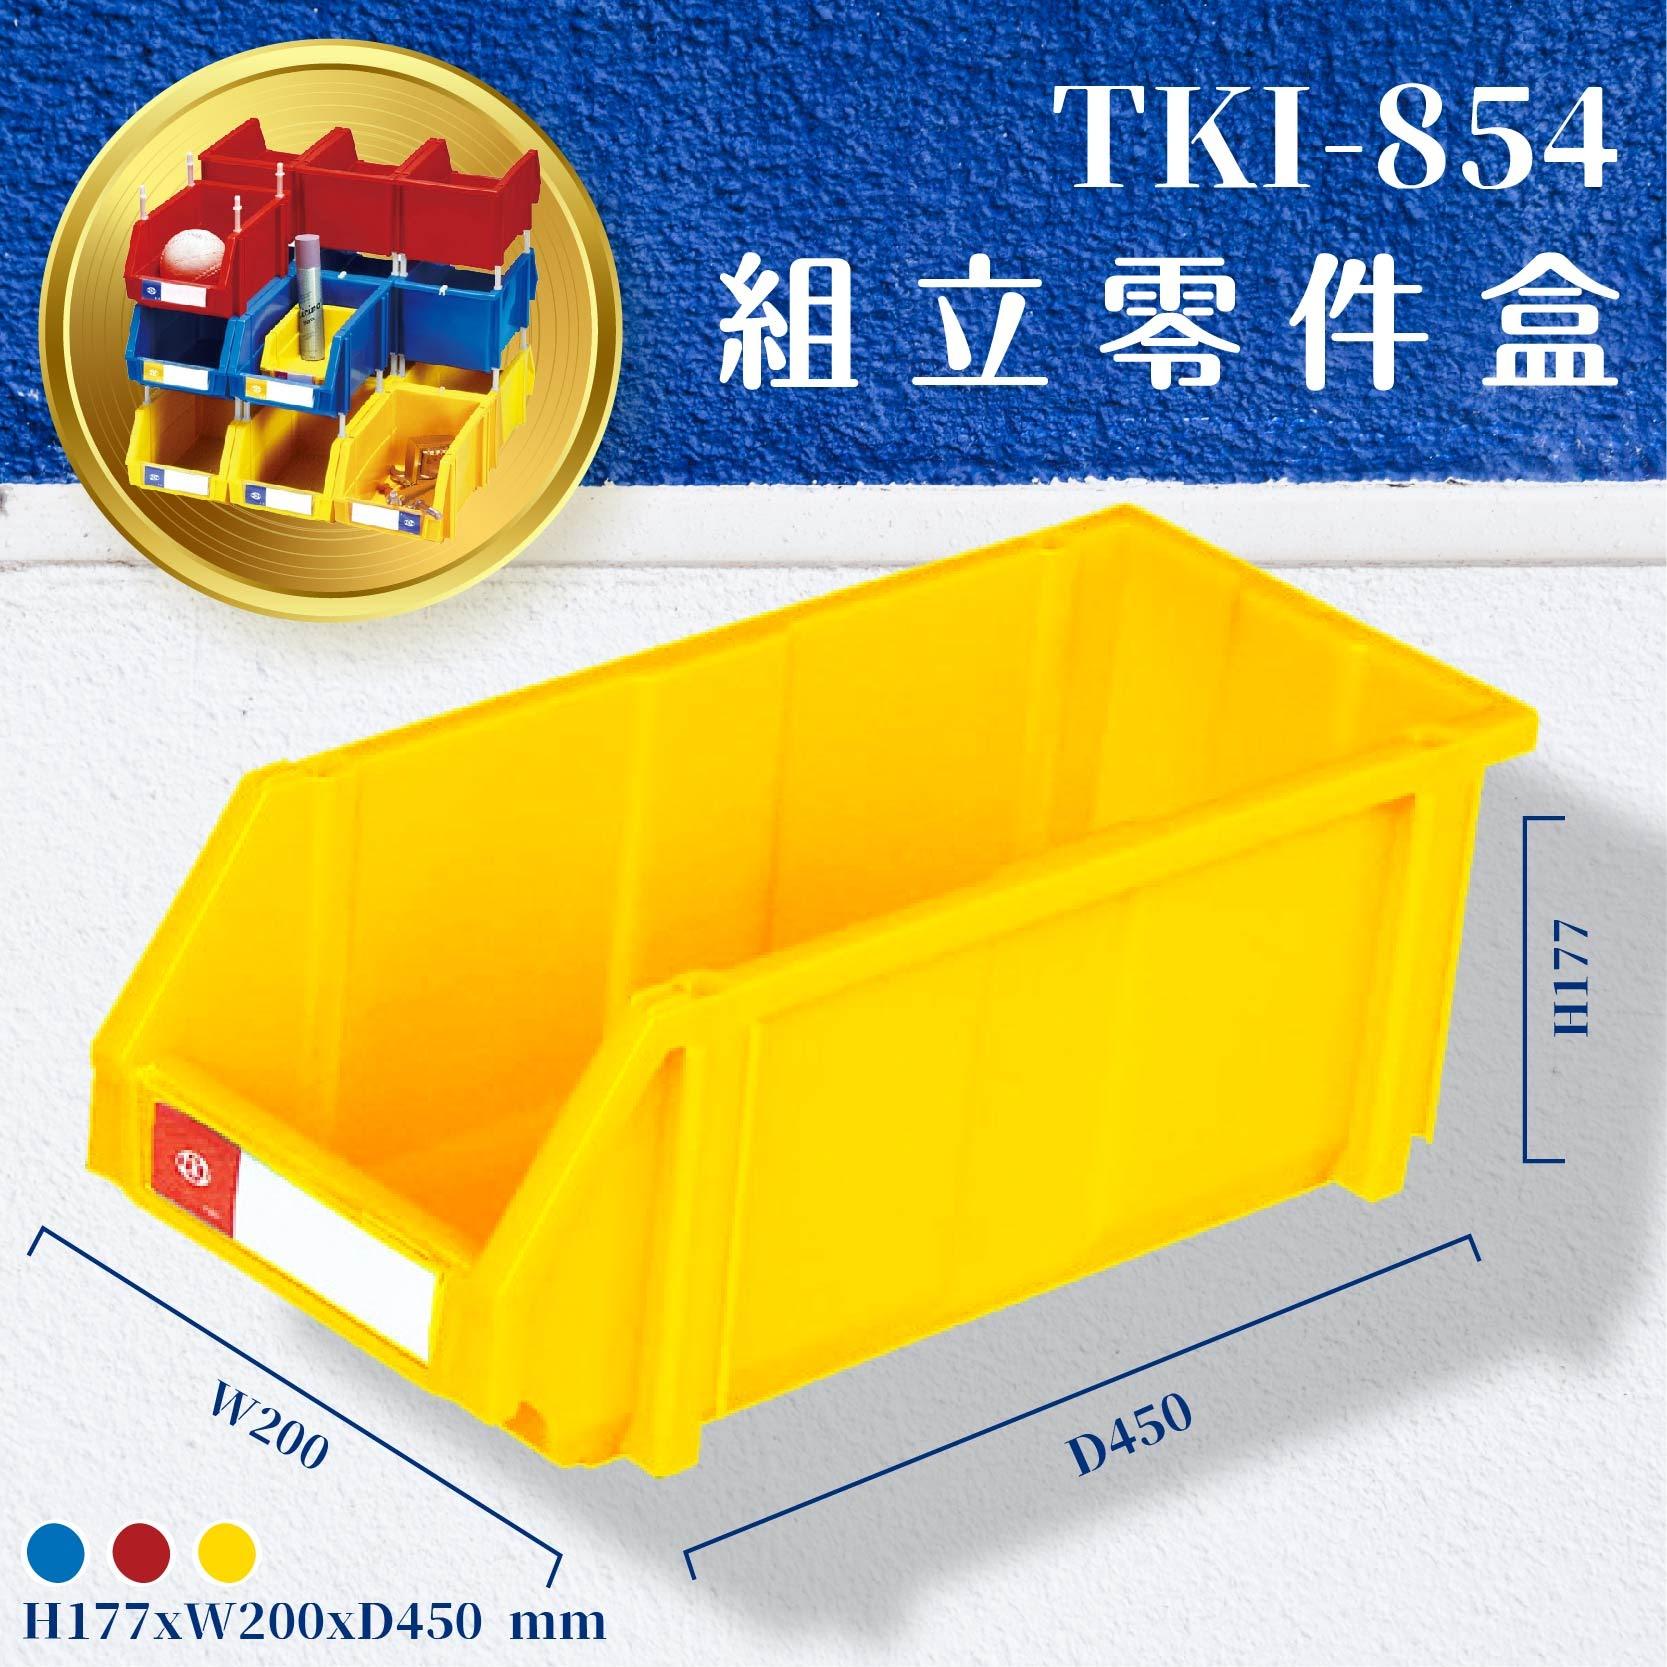 輕鬆收納【天鋼】TKI-854 組立零件盒(黃) 耐衝擊 整理盒 工具盒 分類盒 收納盒 零件 工廠 車廠